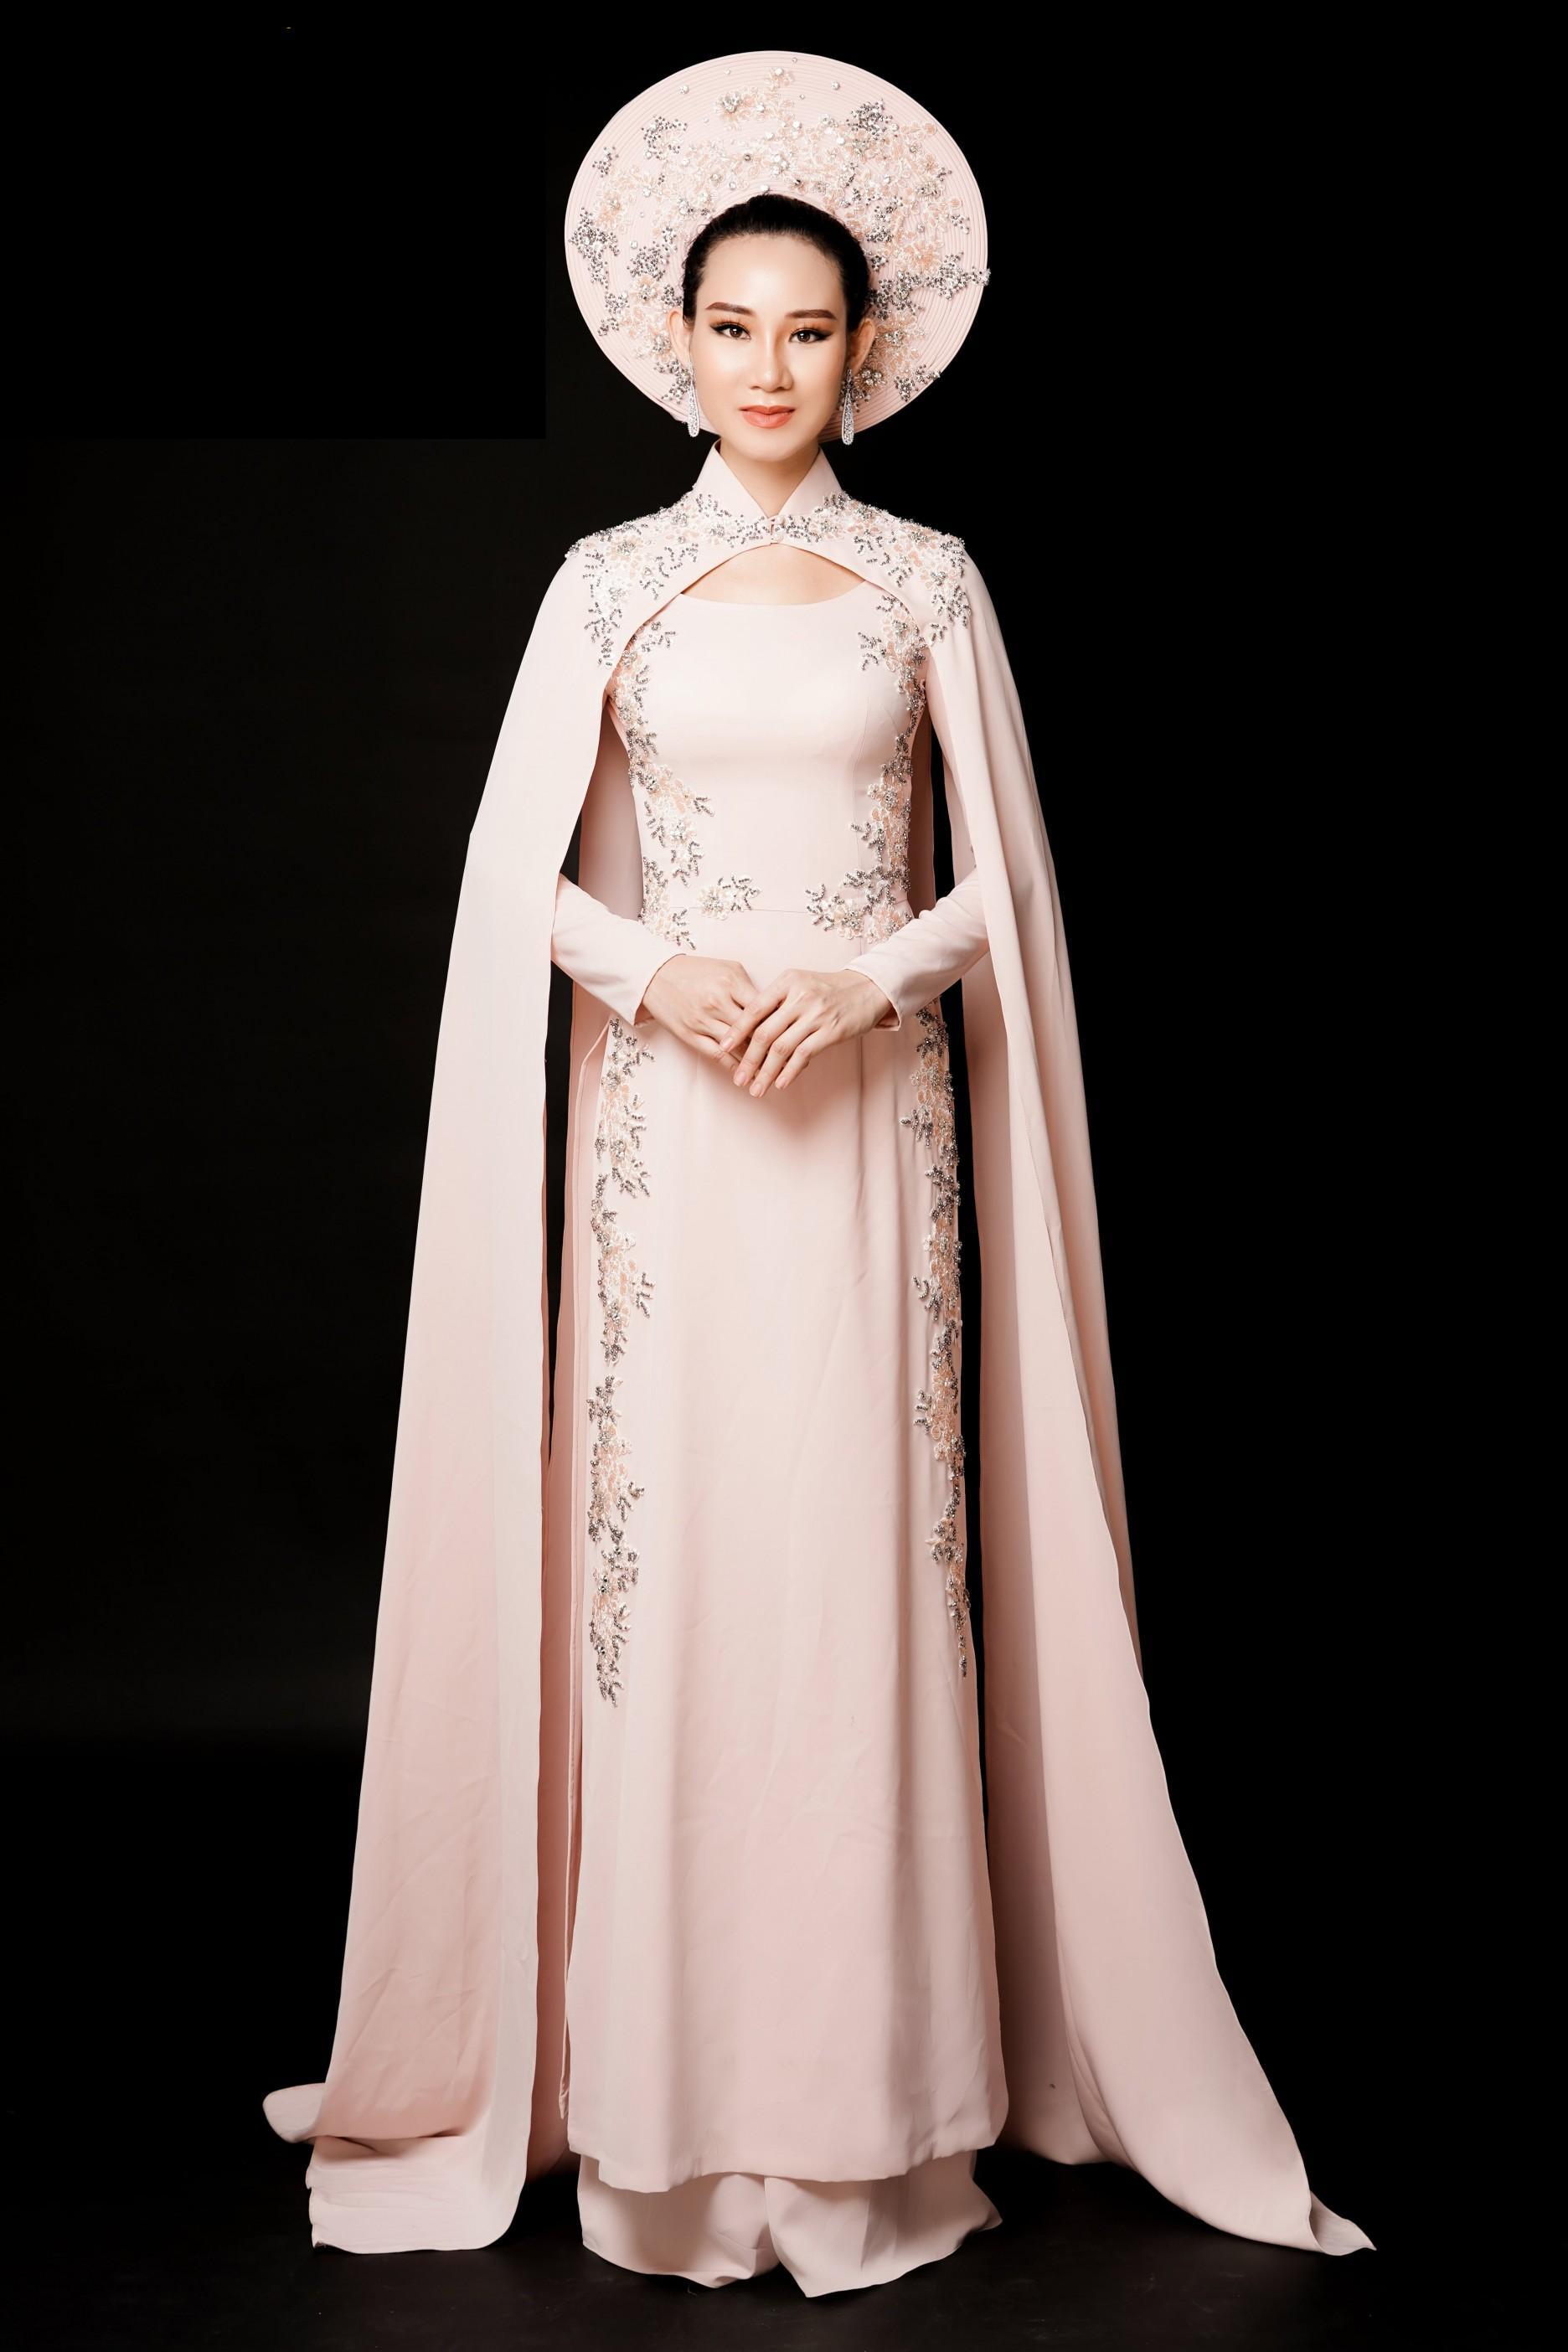 Phạm Lan Anh chọn áo dài tranh tài tại Hoa hậu Du lịch Thế giới 2019 Ảnh 1